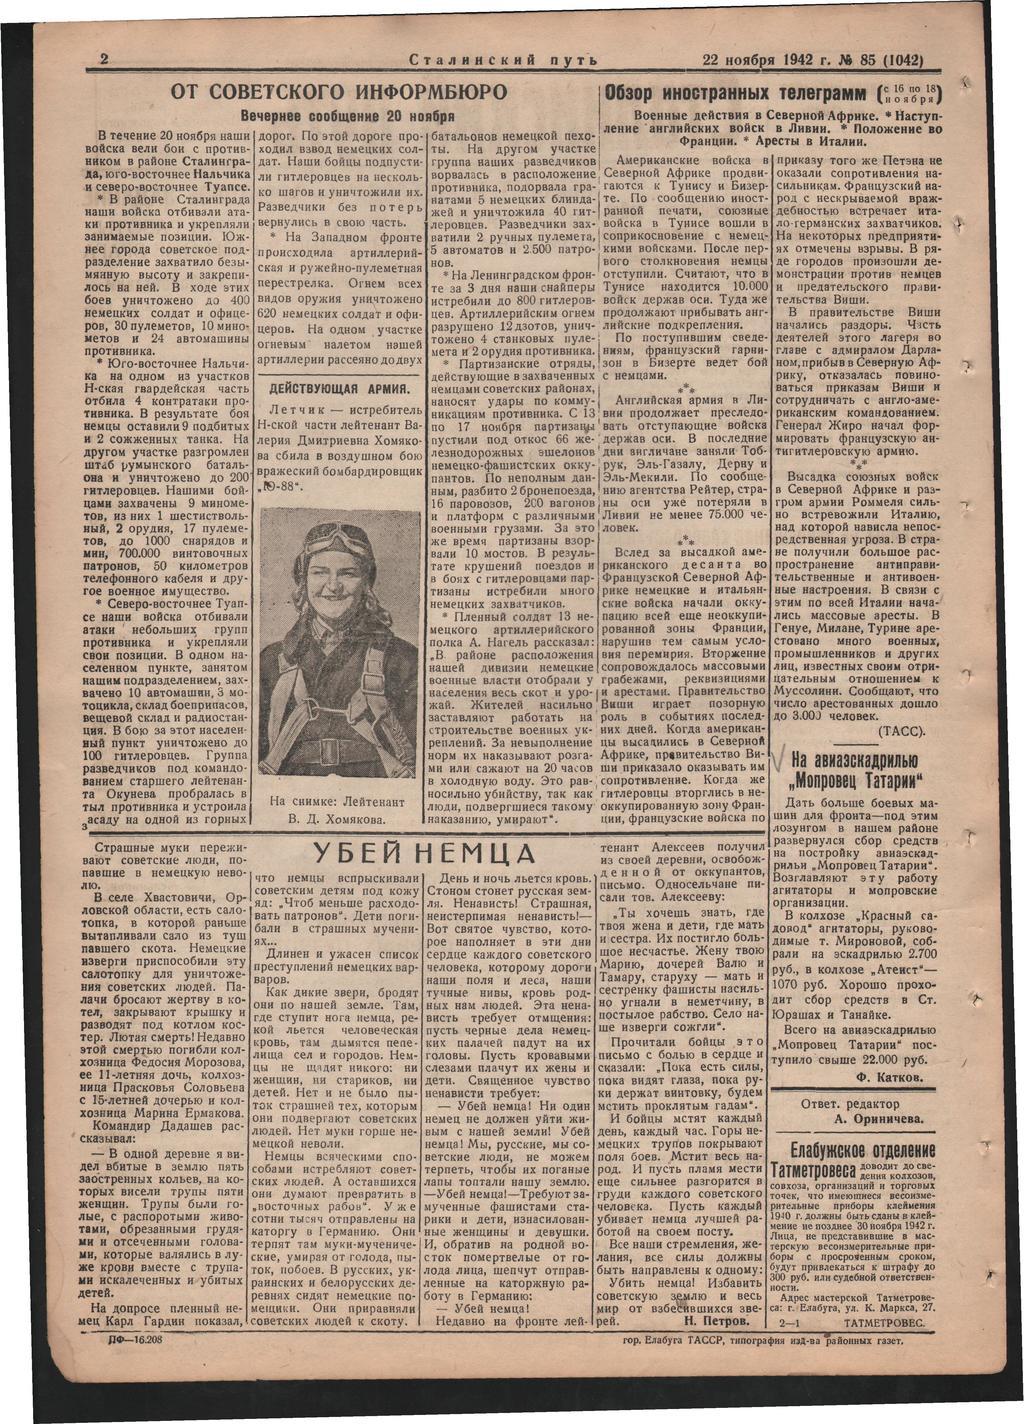 Стал.путь. №85, стр.2, 22.11.1942::Подшивка газеты «Сталинский путь» за 1942 год